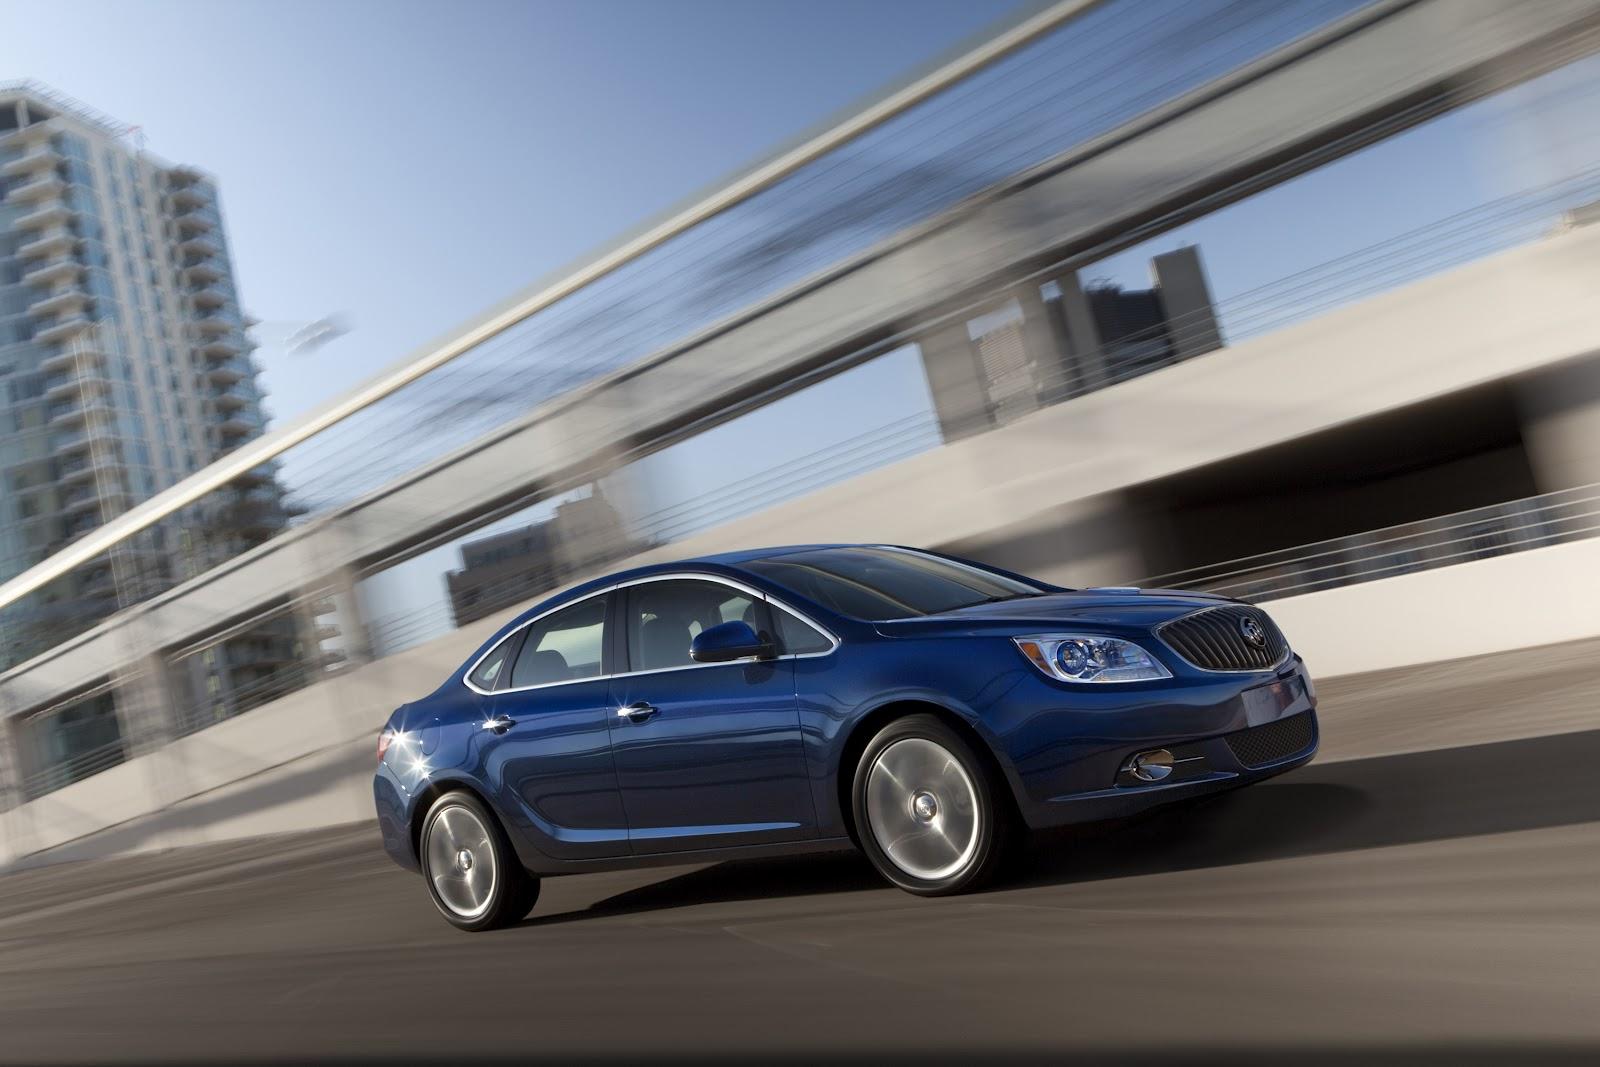 2010 - [Buick] Verano / Excelle - Page 3 2013+Buick+Verano+Turbo+5